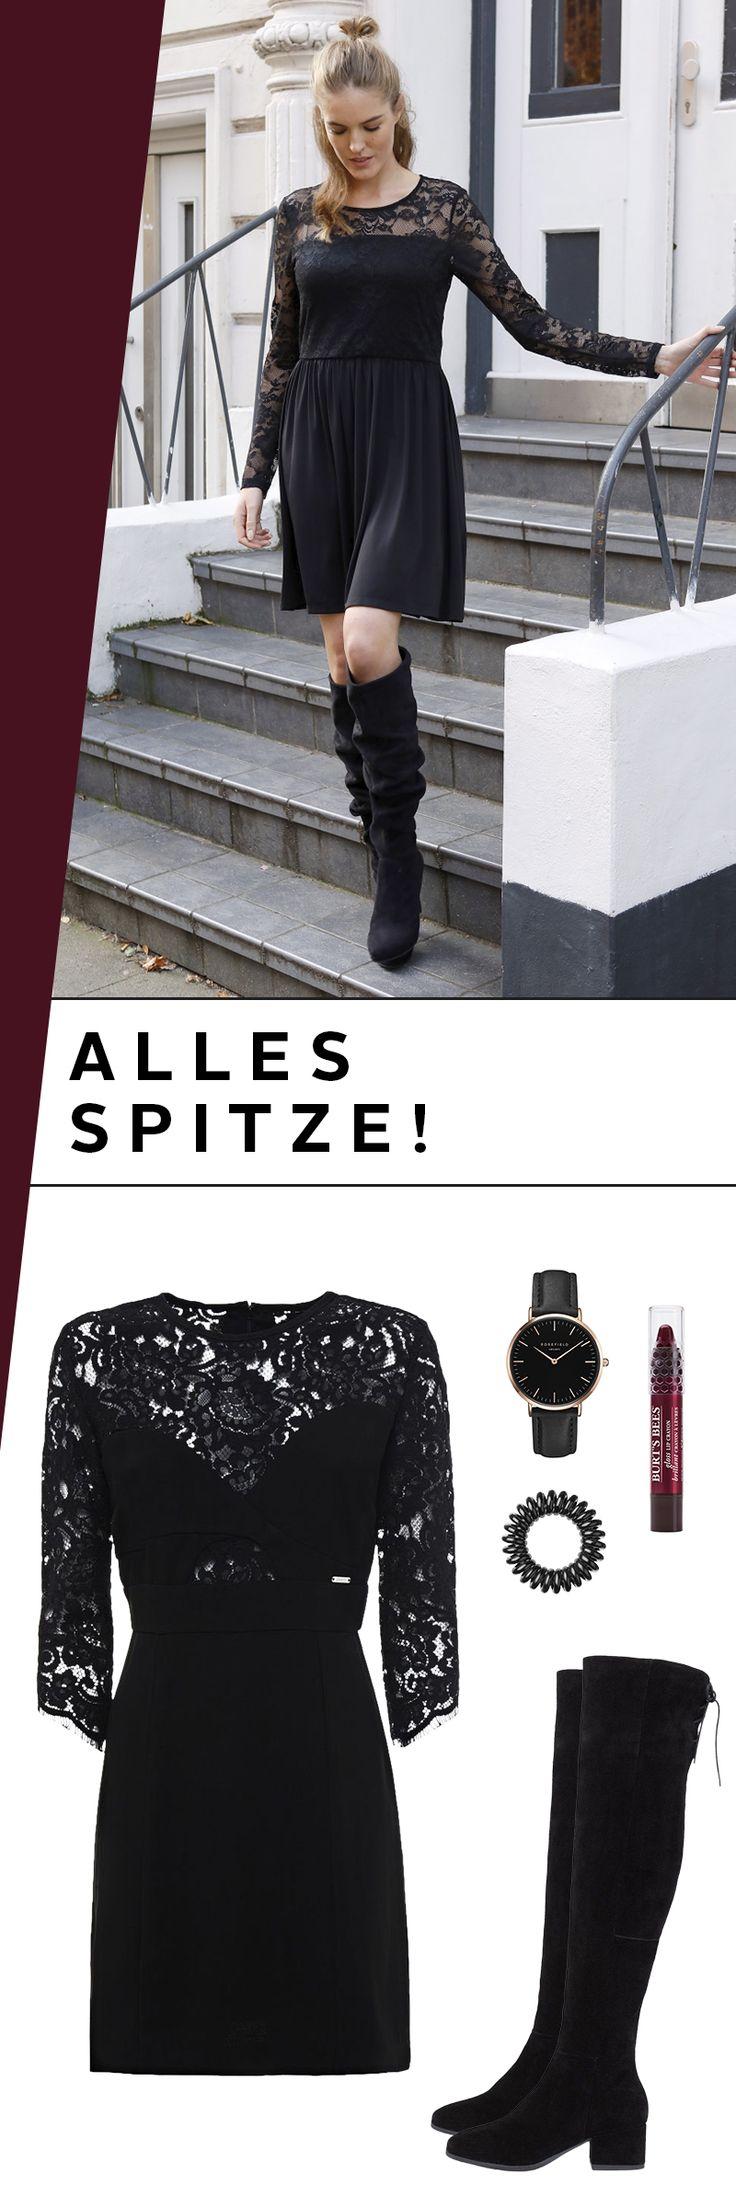 Wir sind der Meinung, dieses Outfit ist: spitze! Das Hingucker-Kleid von Guess begeistert mit den wunderschönen Spitzendetails und einem hinreißenden Schnitt. Kombiniere es mit den hohen Stiefeln und einem knalligen Lippgloss zu einem verführerischen Outfit!